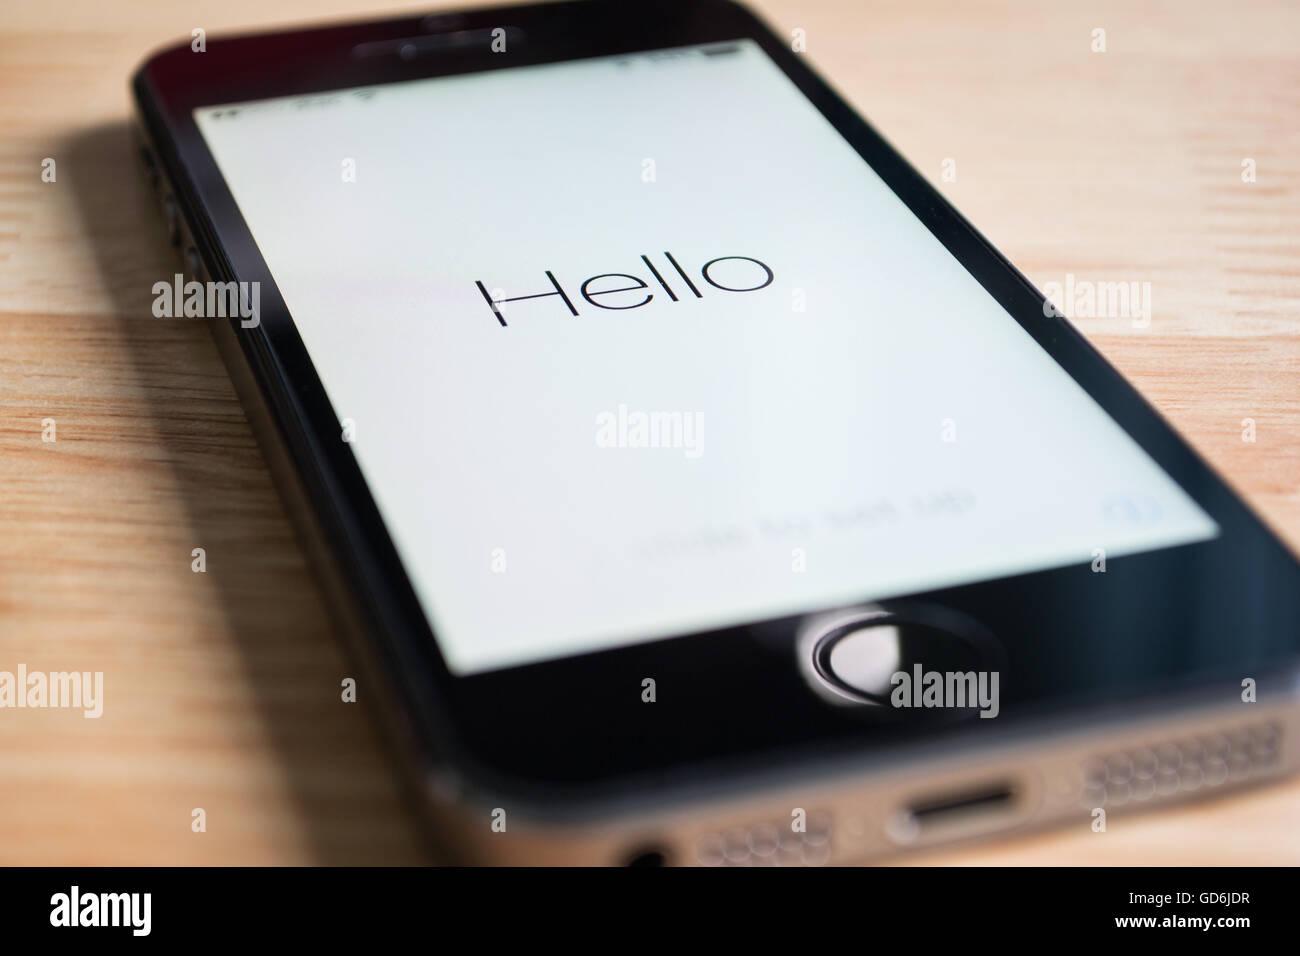 Bangkok, Thaïlande - le 23 mars 2016: Apple iPhone5s montrant son écran 'Bonjour', lorsque Photo Stock